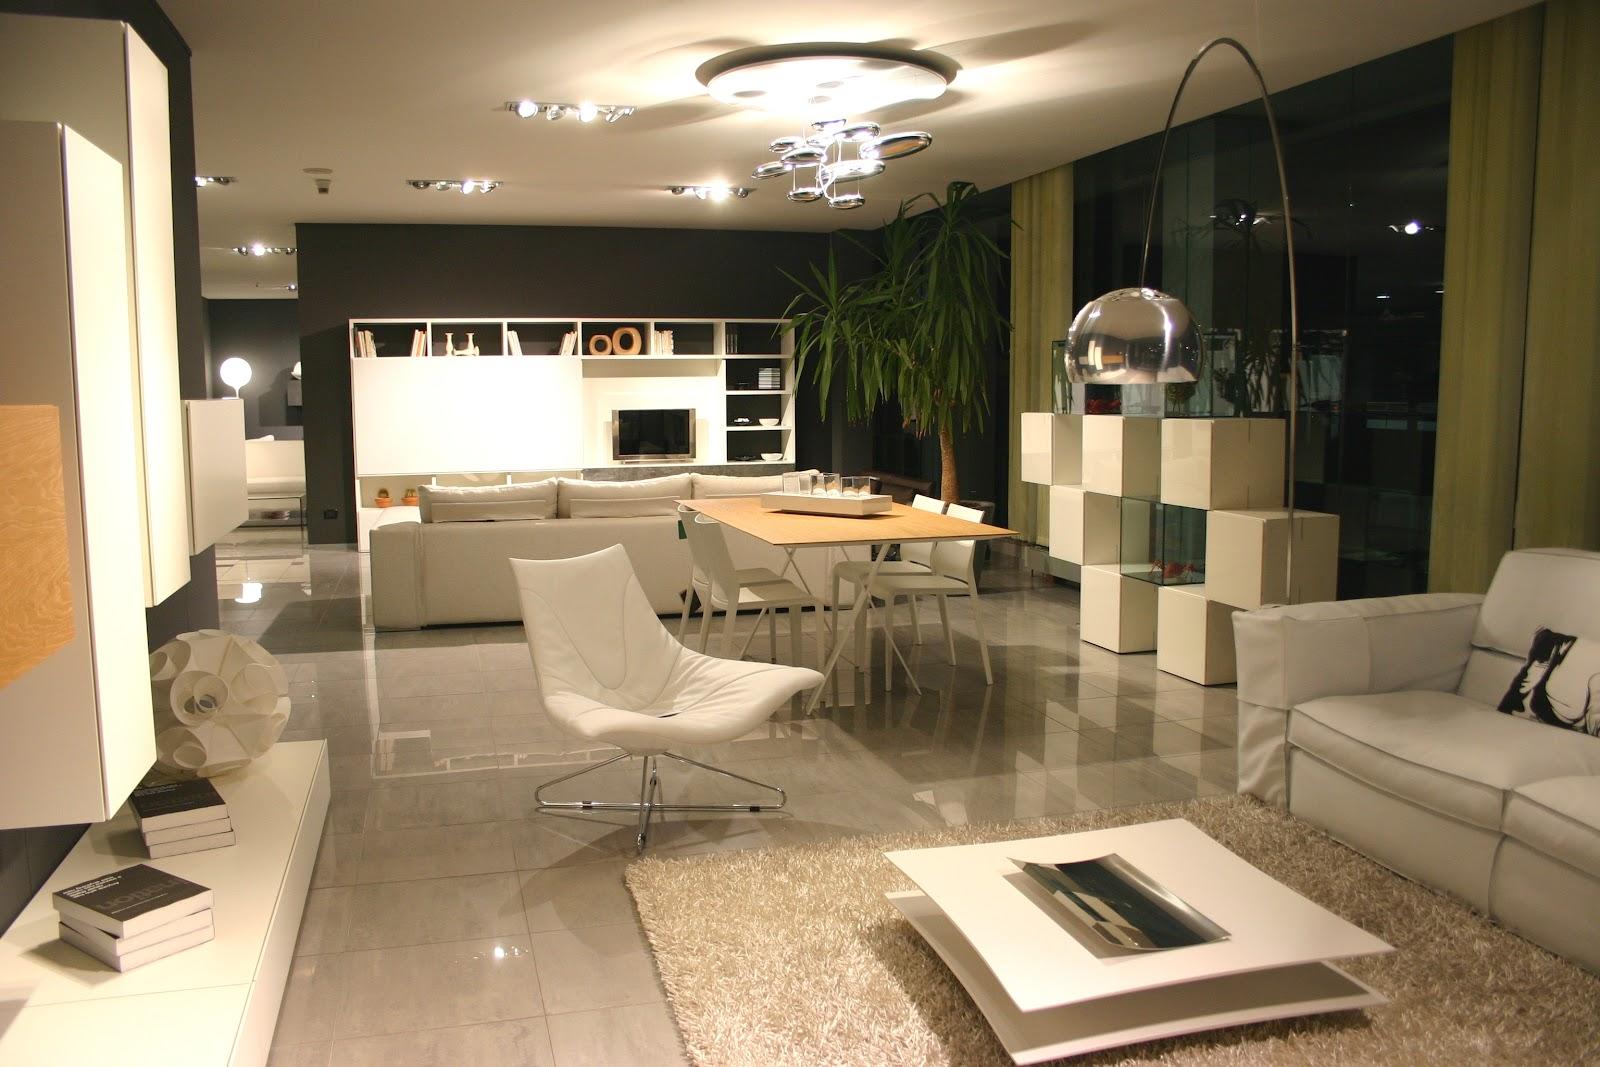 mobili soggiorno stile provenzale: tiarch.com coprilavatrice in ... - Tavoli Da Soggiorno Stile Provenzale